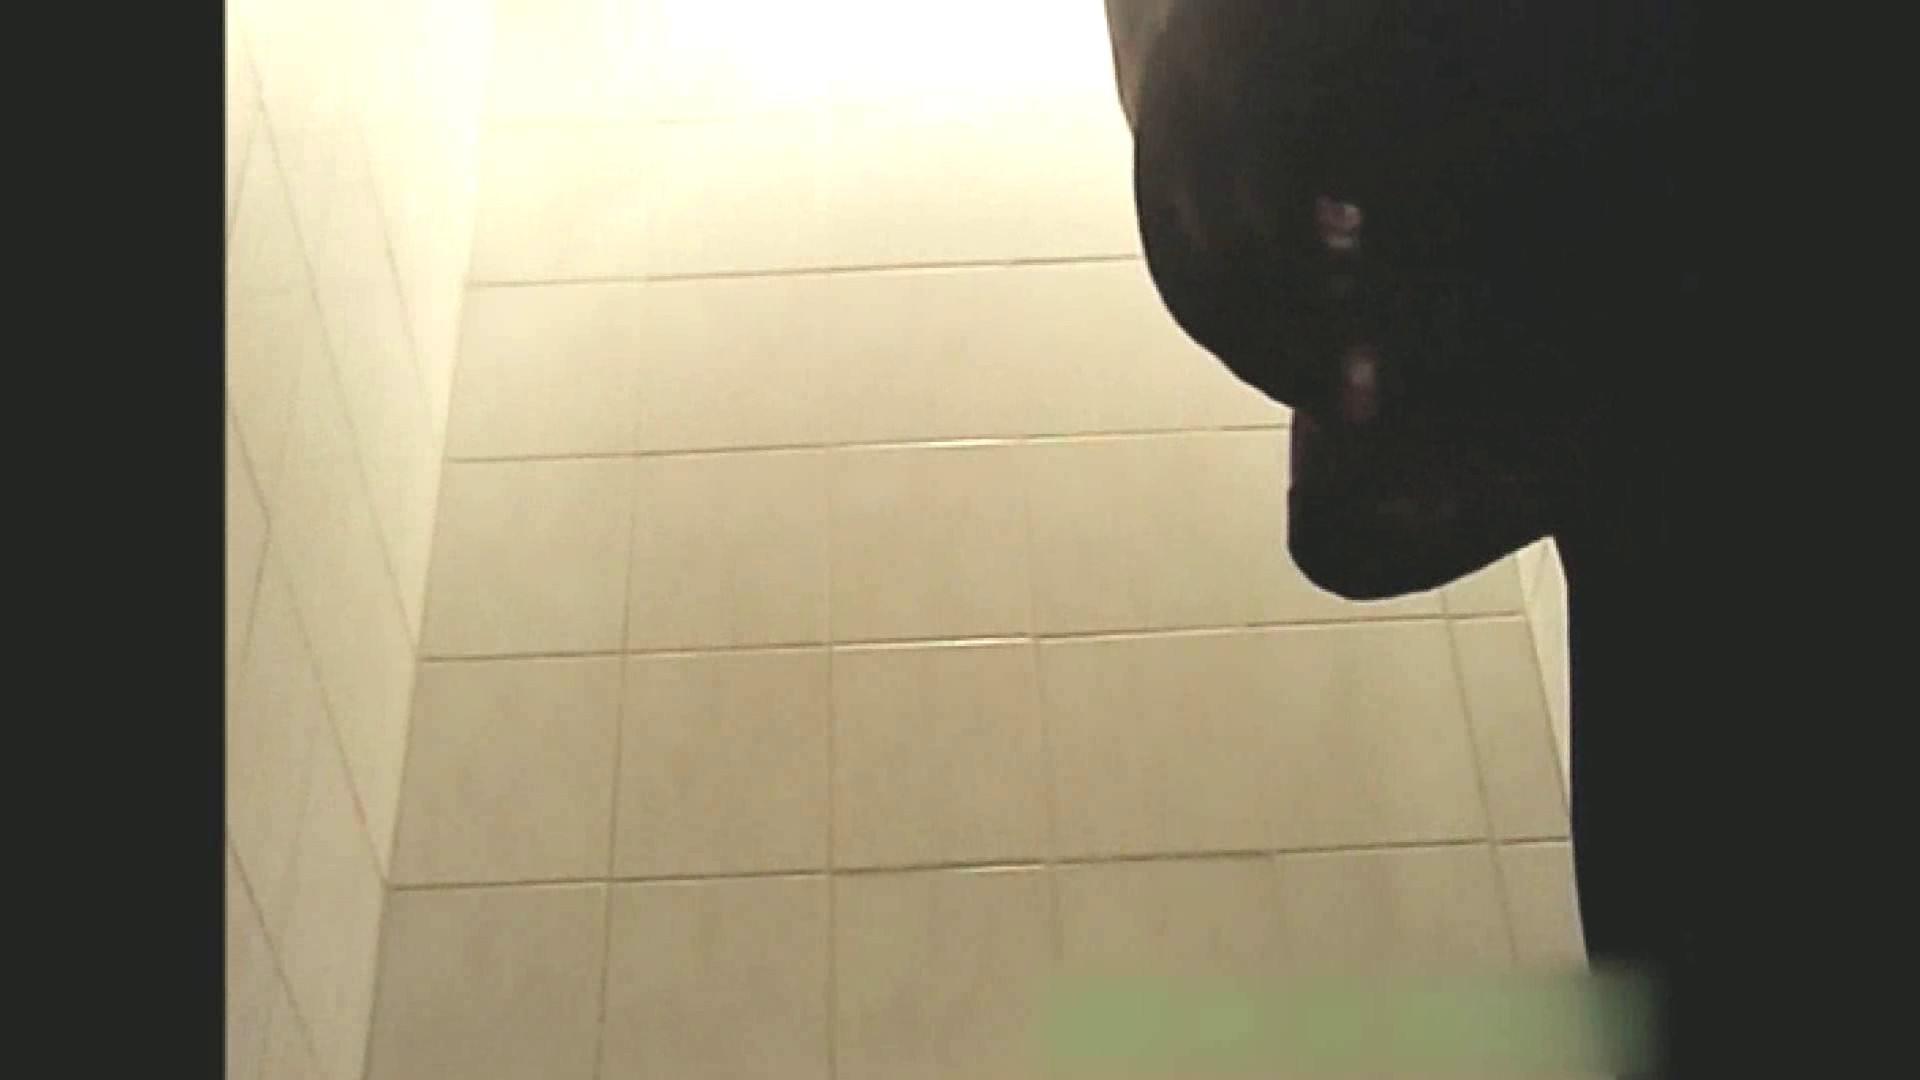 実録!!綺麗なお姉さんのトイレ事情・・・。vol.13 すけべなOL  81画像 58